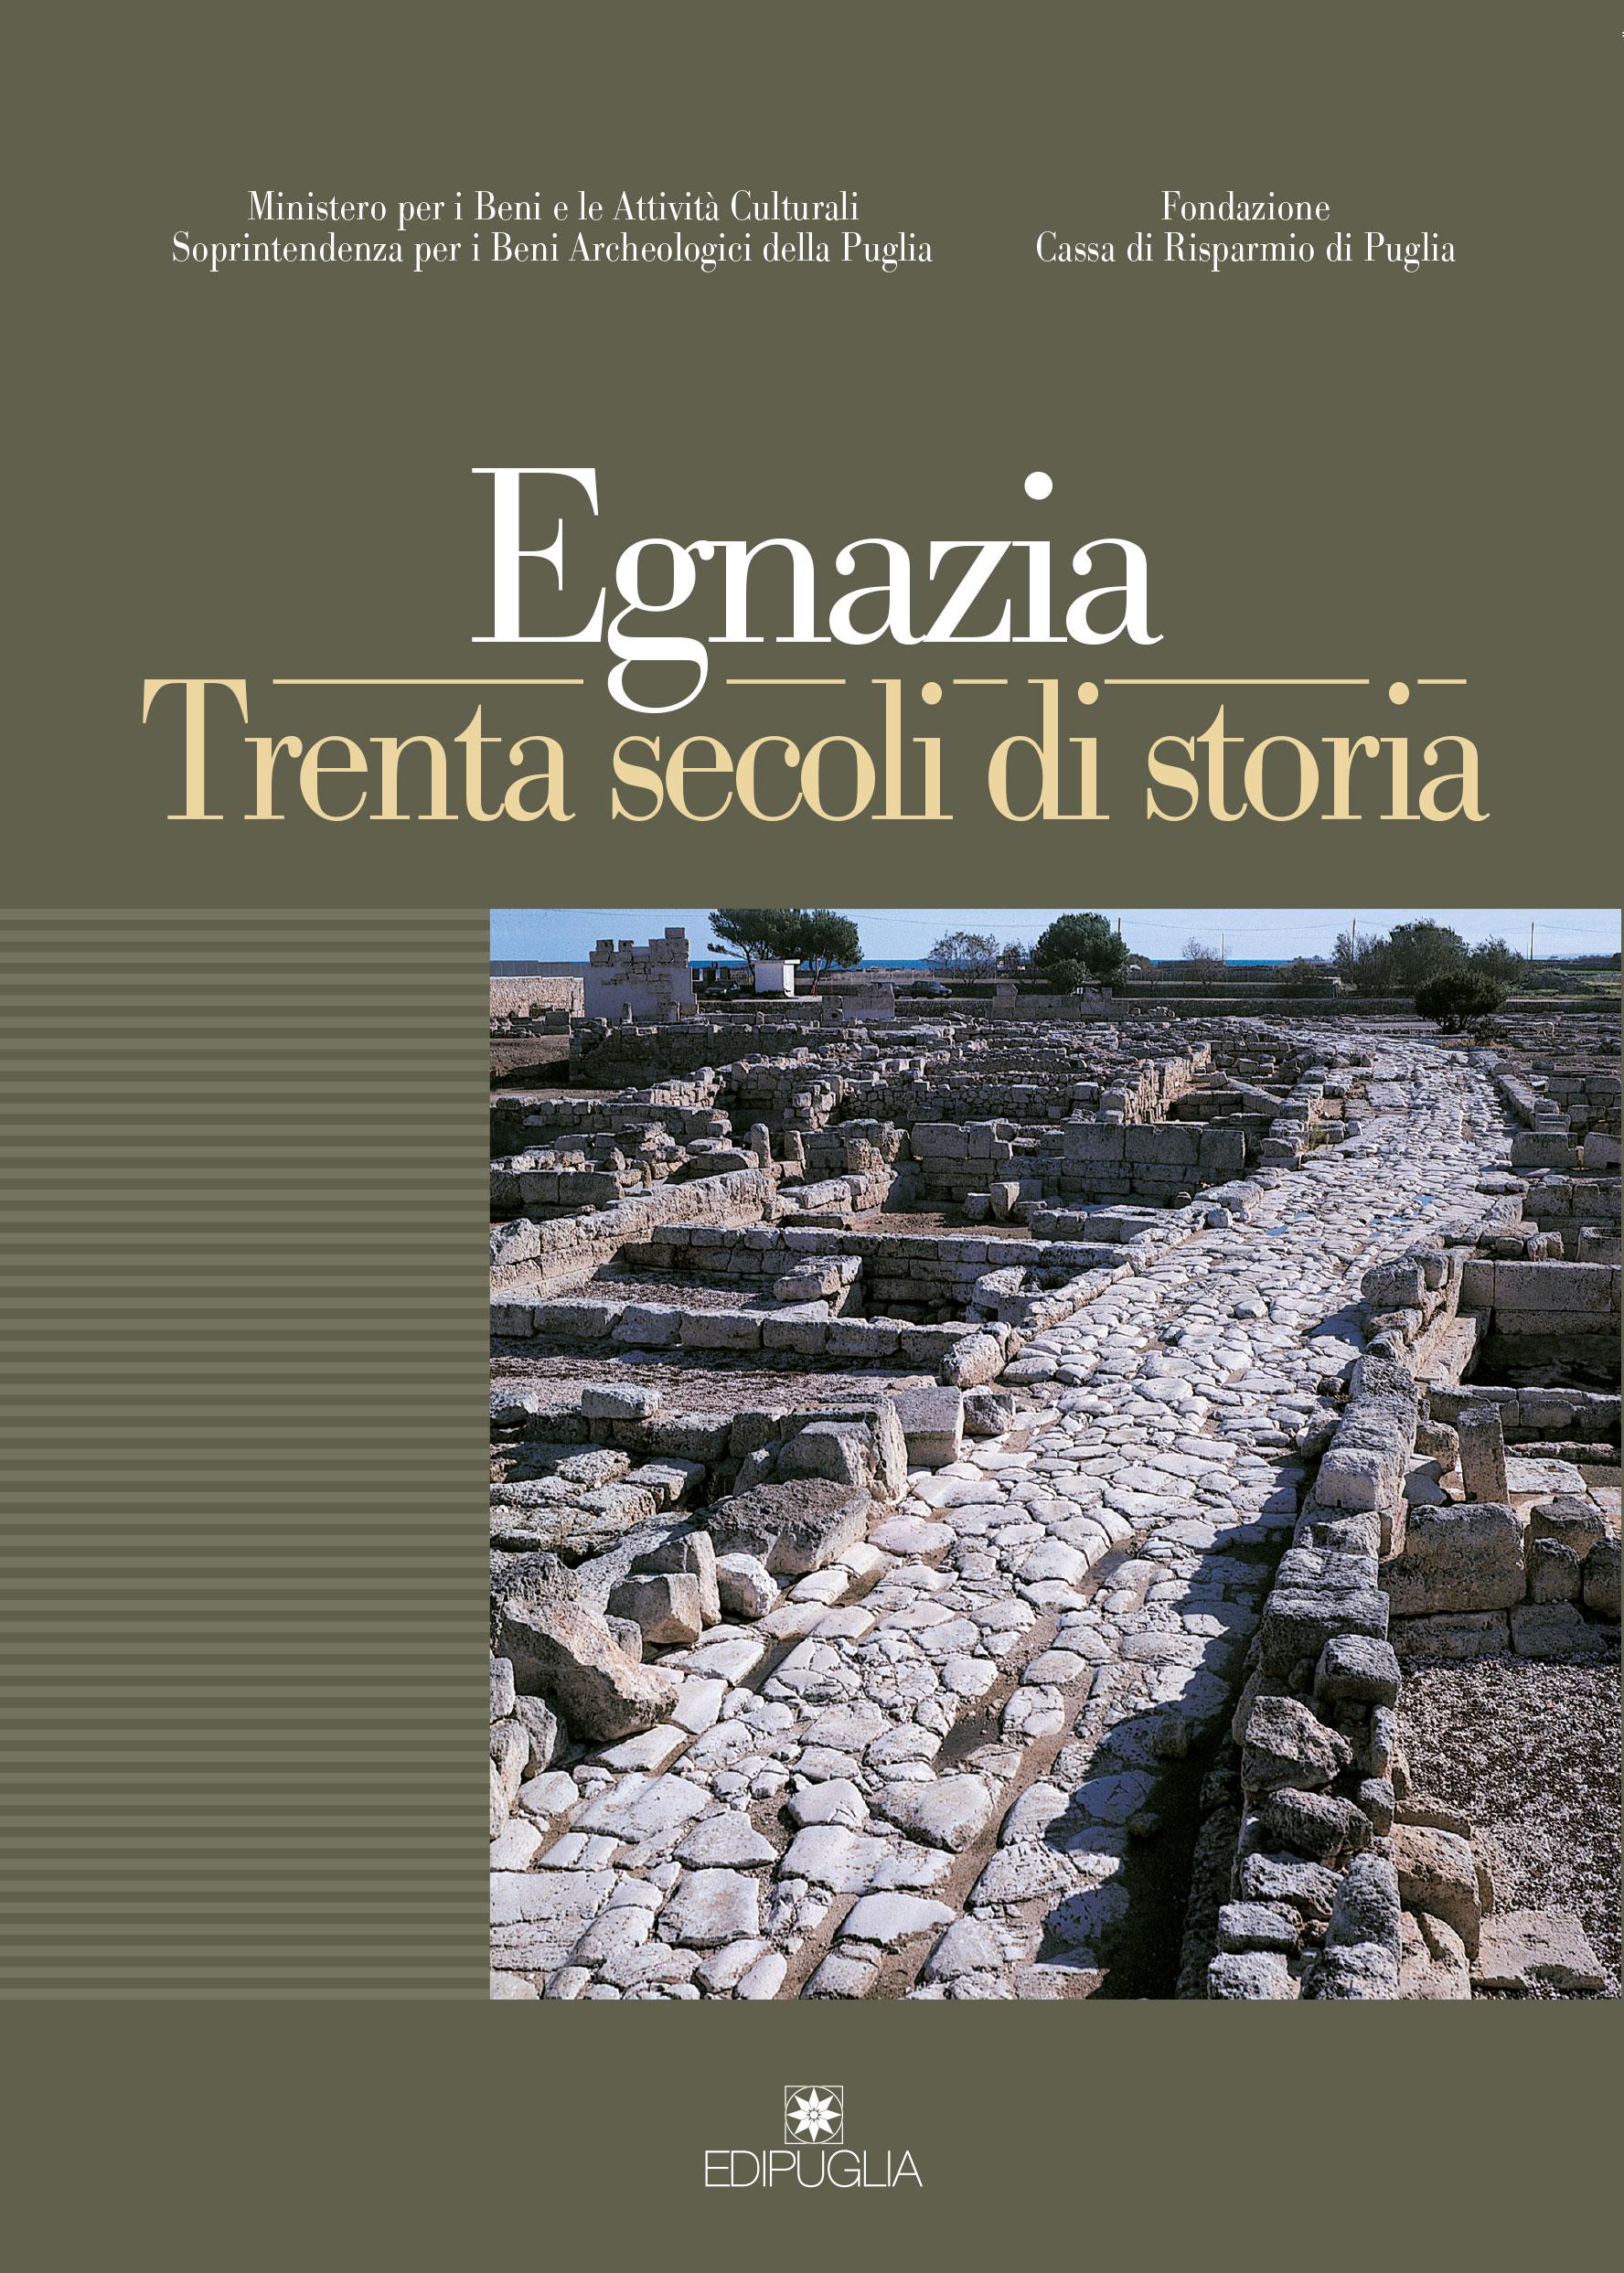 Egnazia trenta secoli di storia edipuglia for 2 case di storia in florida